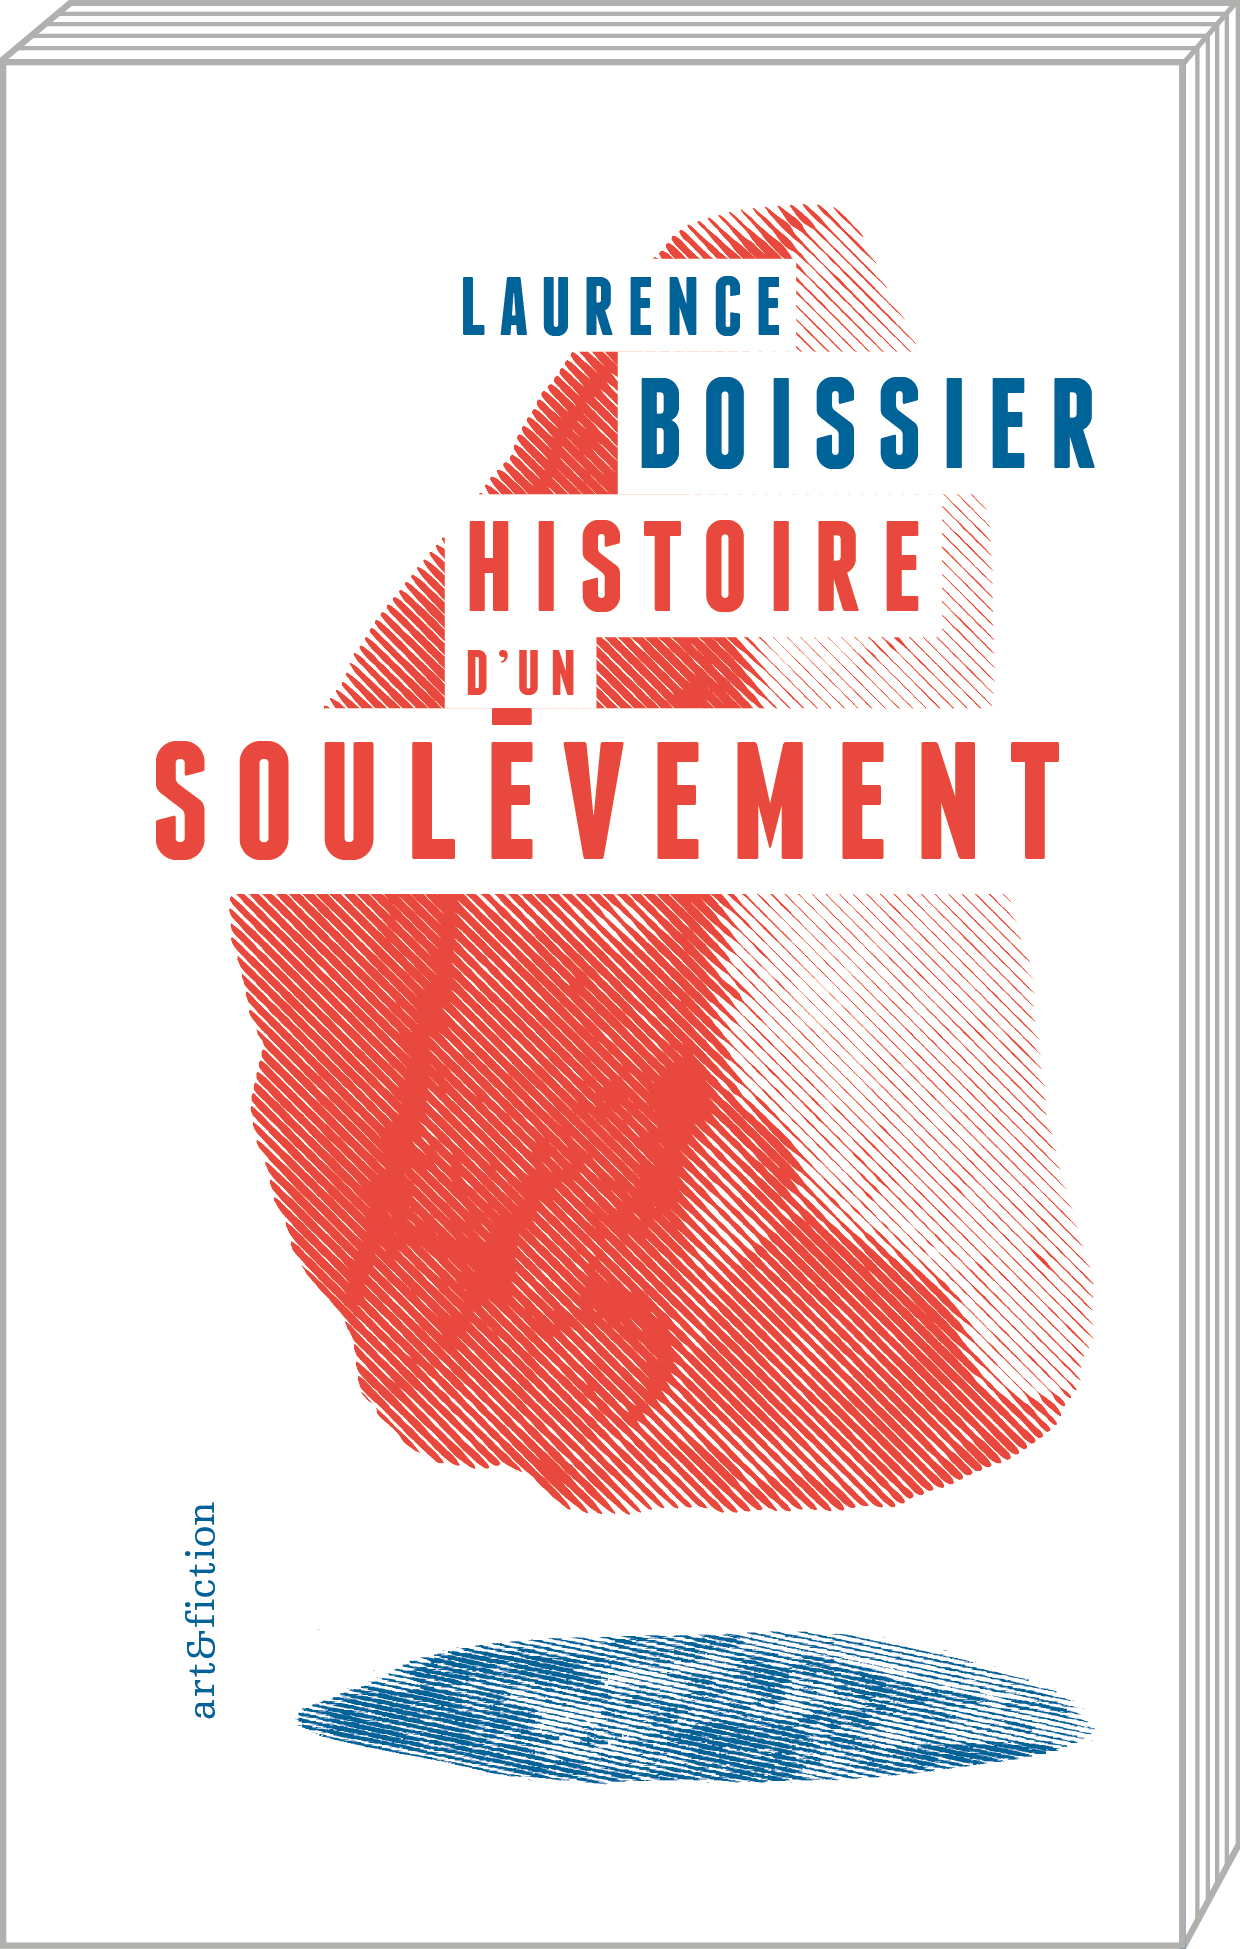 Histoire d'un soulèvement, Boissier, Laurence